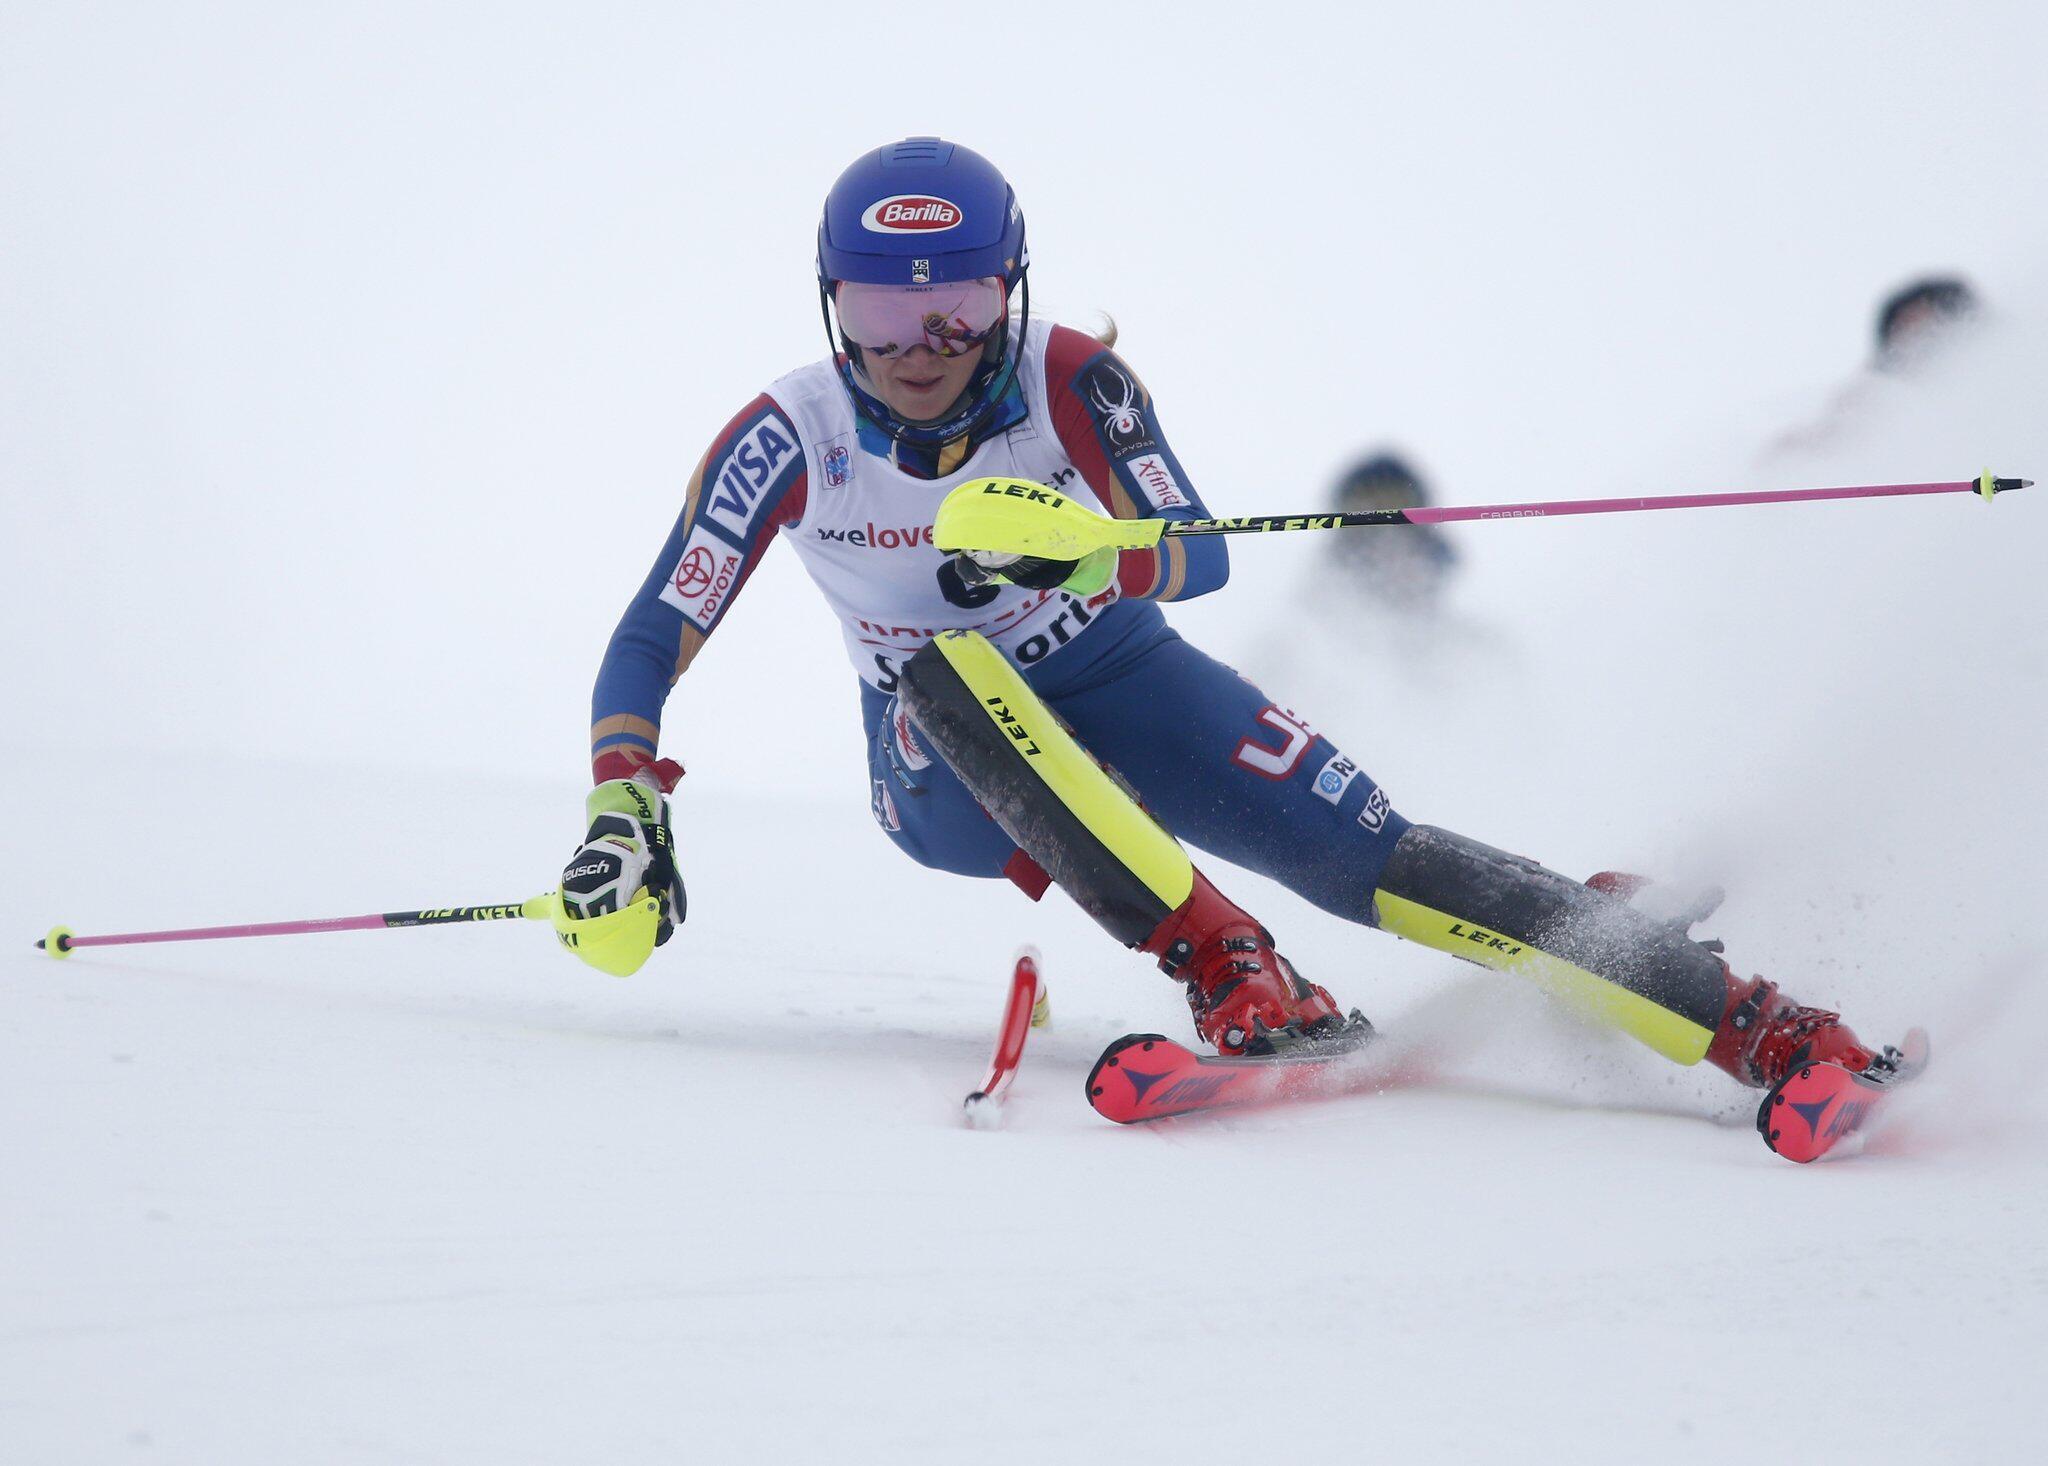 Bild zu Ski alpin - Weltcup Mikaela Shiffrin